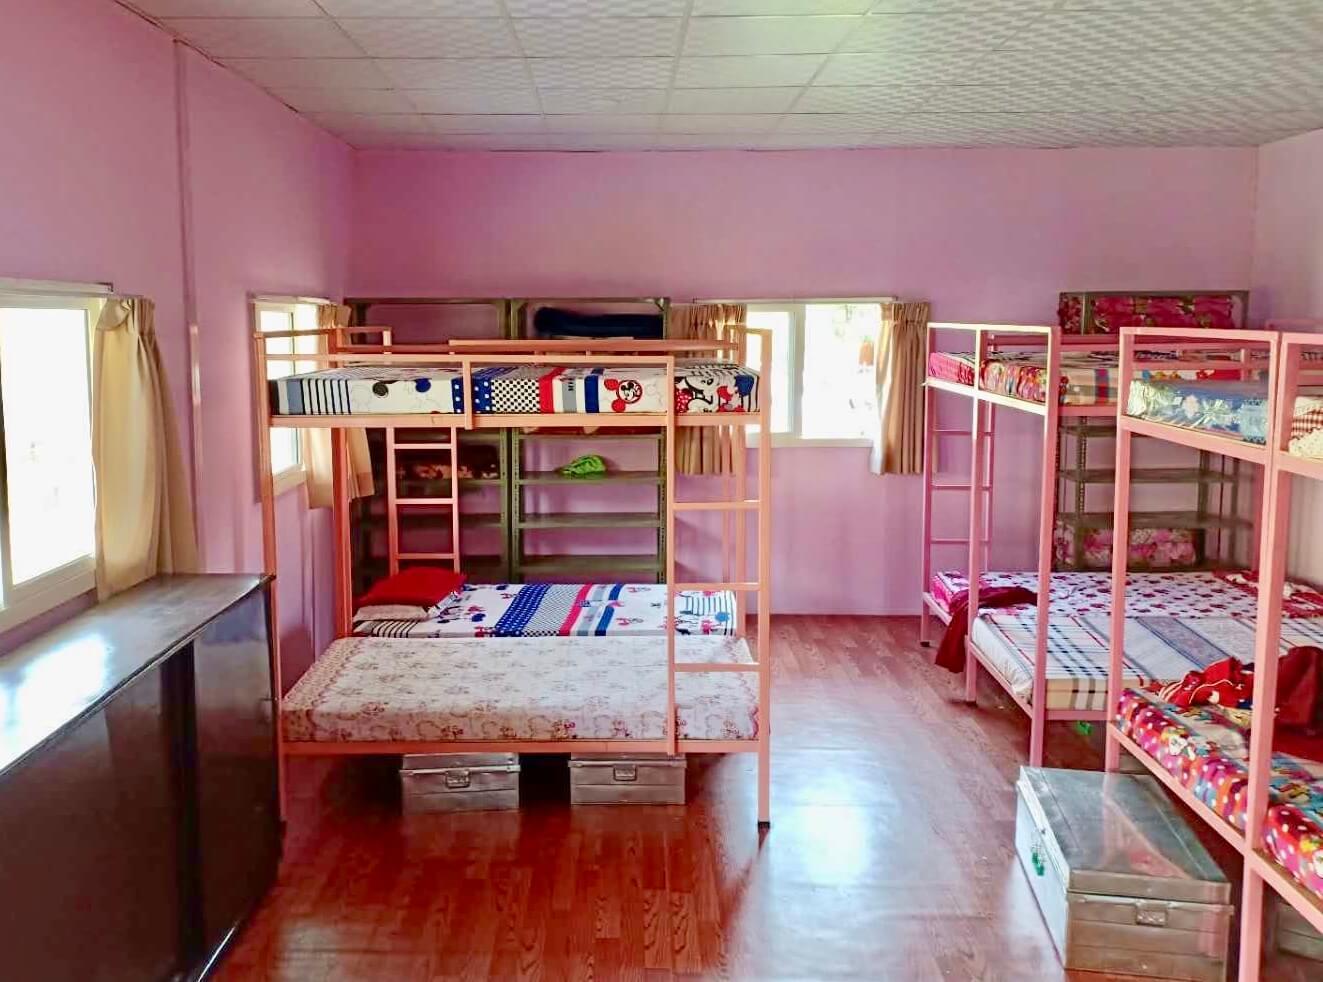 Bunk Beds in New Dorm